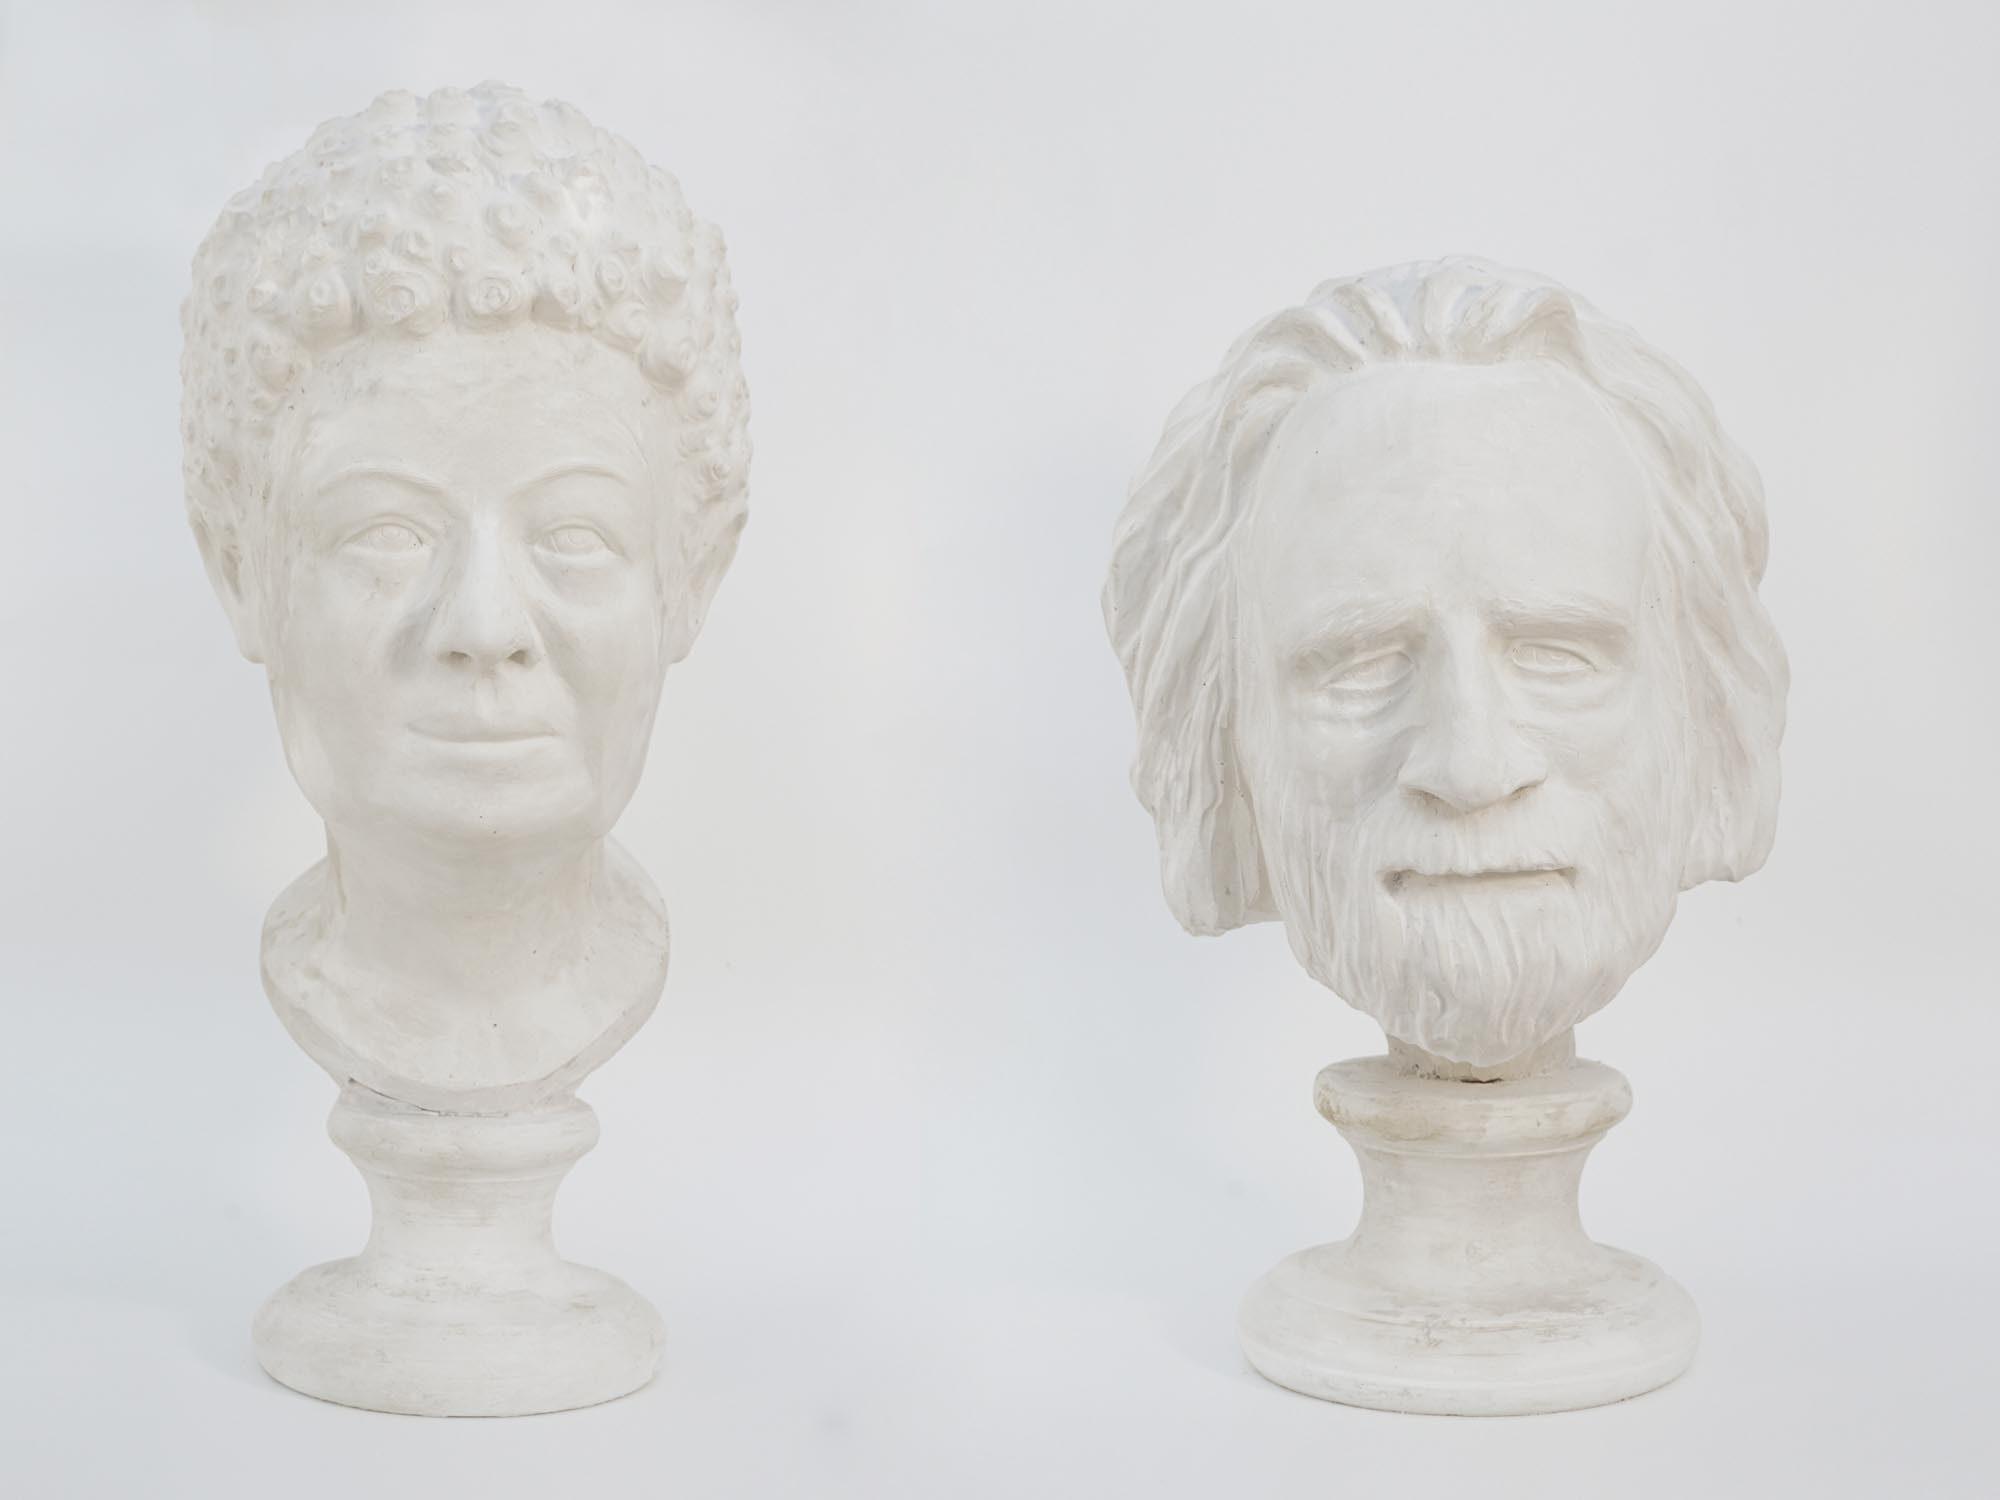 Antonio Guiotto, Senza titolo con didascalia, 2019, Museo Civico, Bassano d.G